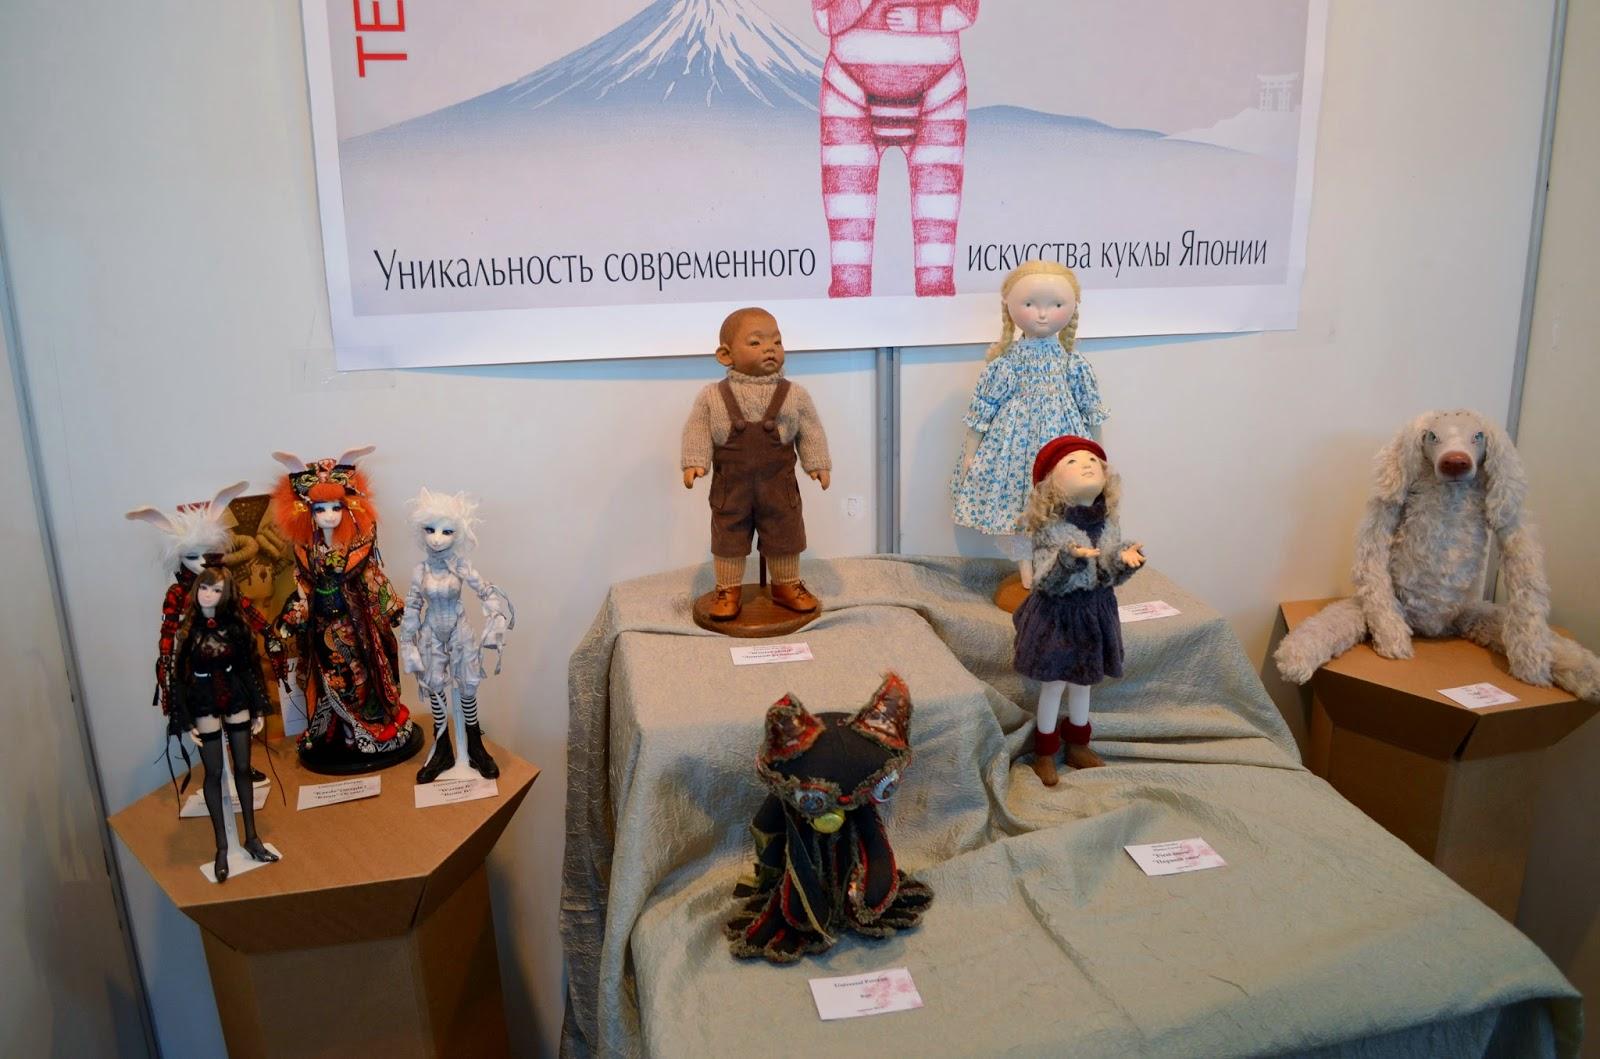 『Moscow Fair 2014』_d0079147_166590.jpg